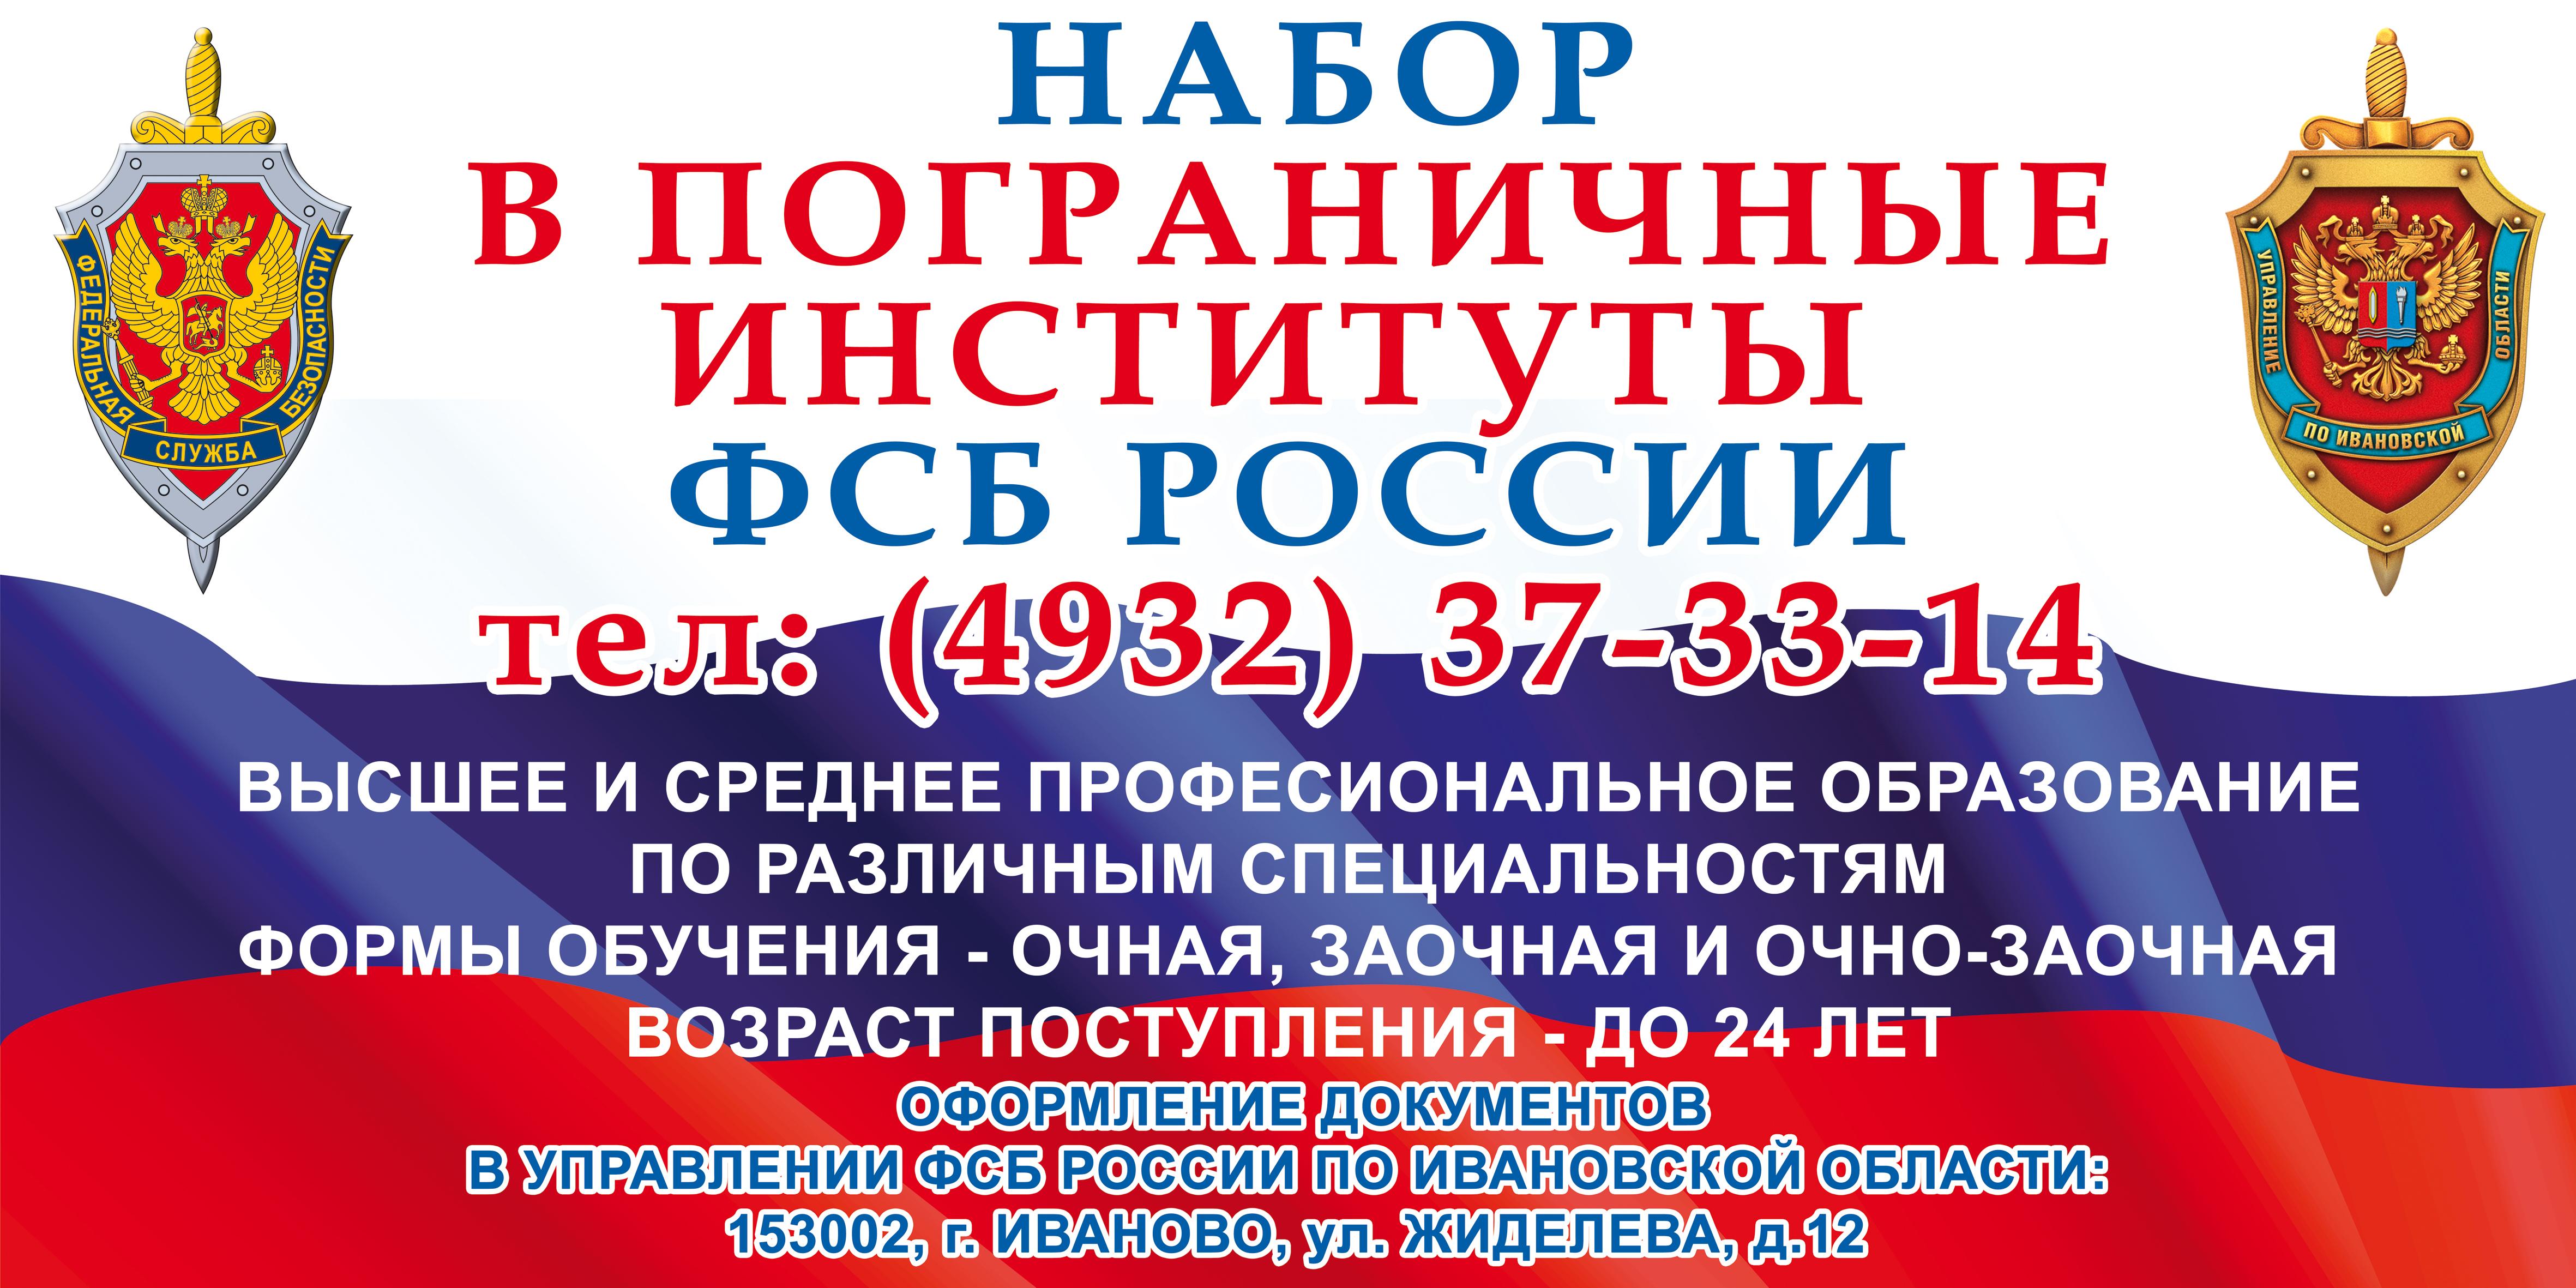 творческого экзамена сайт пограничной службы россии официальный сайт атмосферная сальсатека Москвы